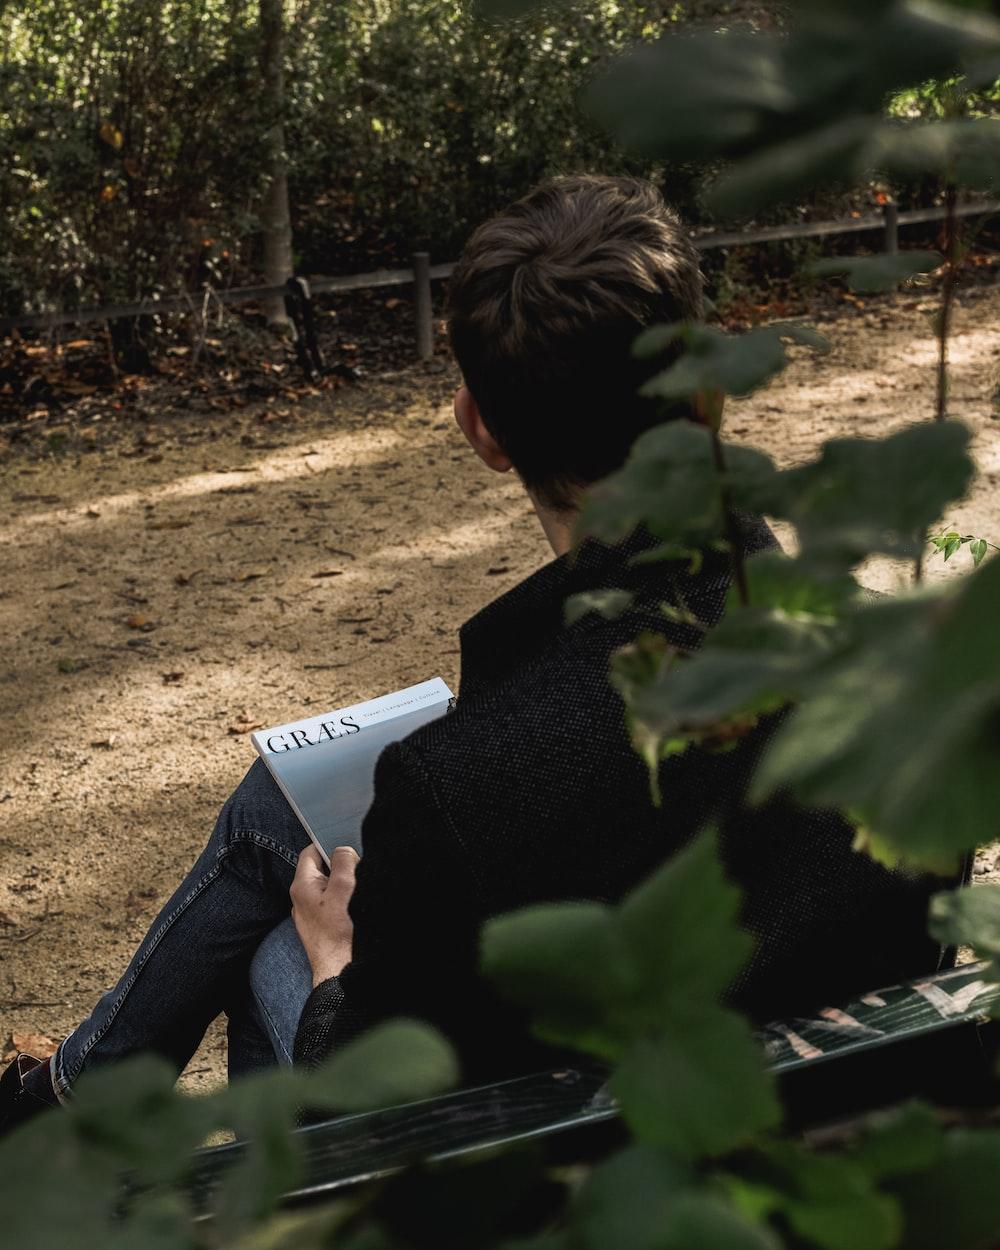 man wearing black long-sleeved shirt sitting on bench